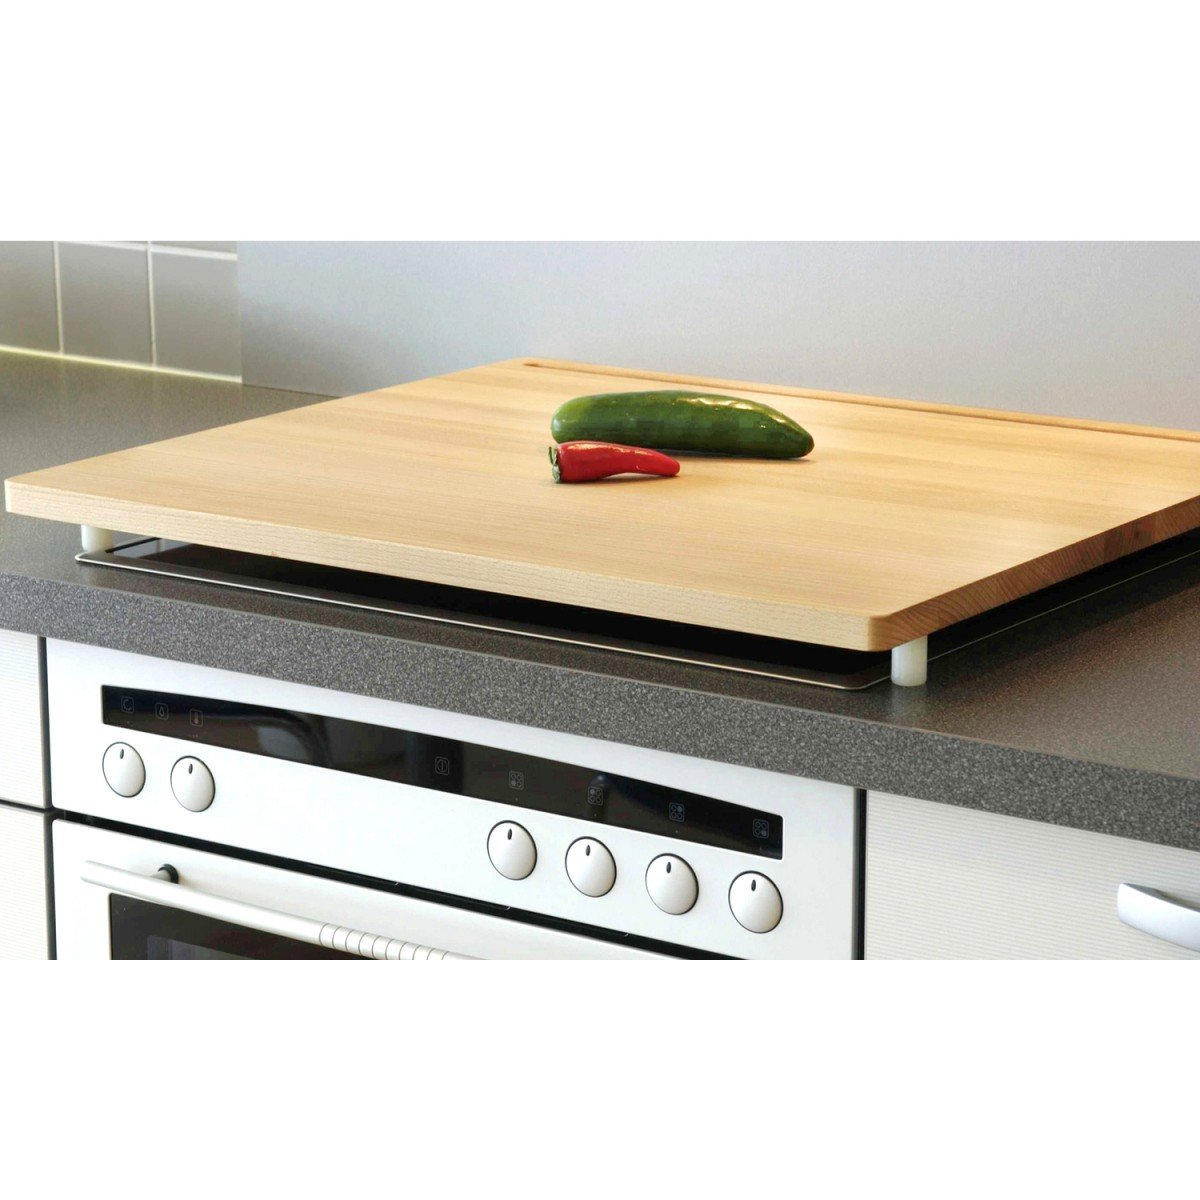 Abdeckung arbeitsplatte kuche for Ikea kuchenplatte